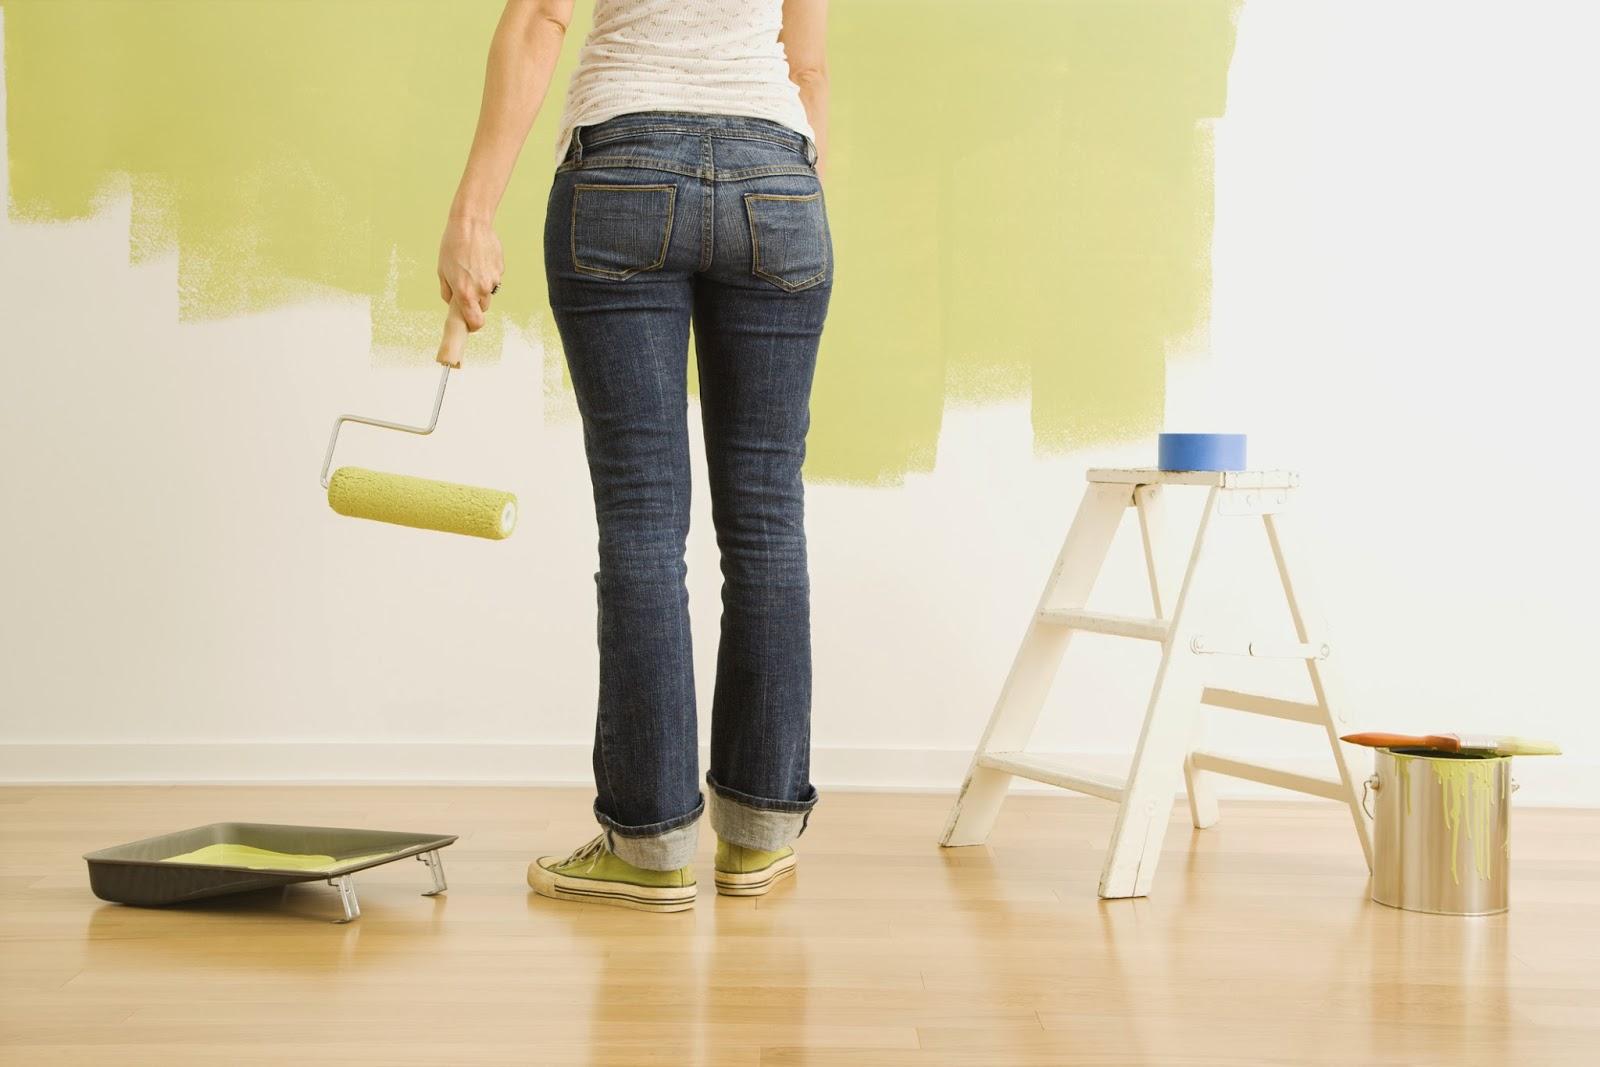 Reforma da casa: 4 dicas para evitar dores de cabeça!